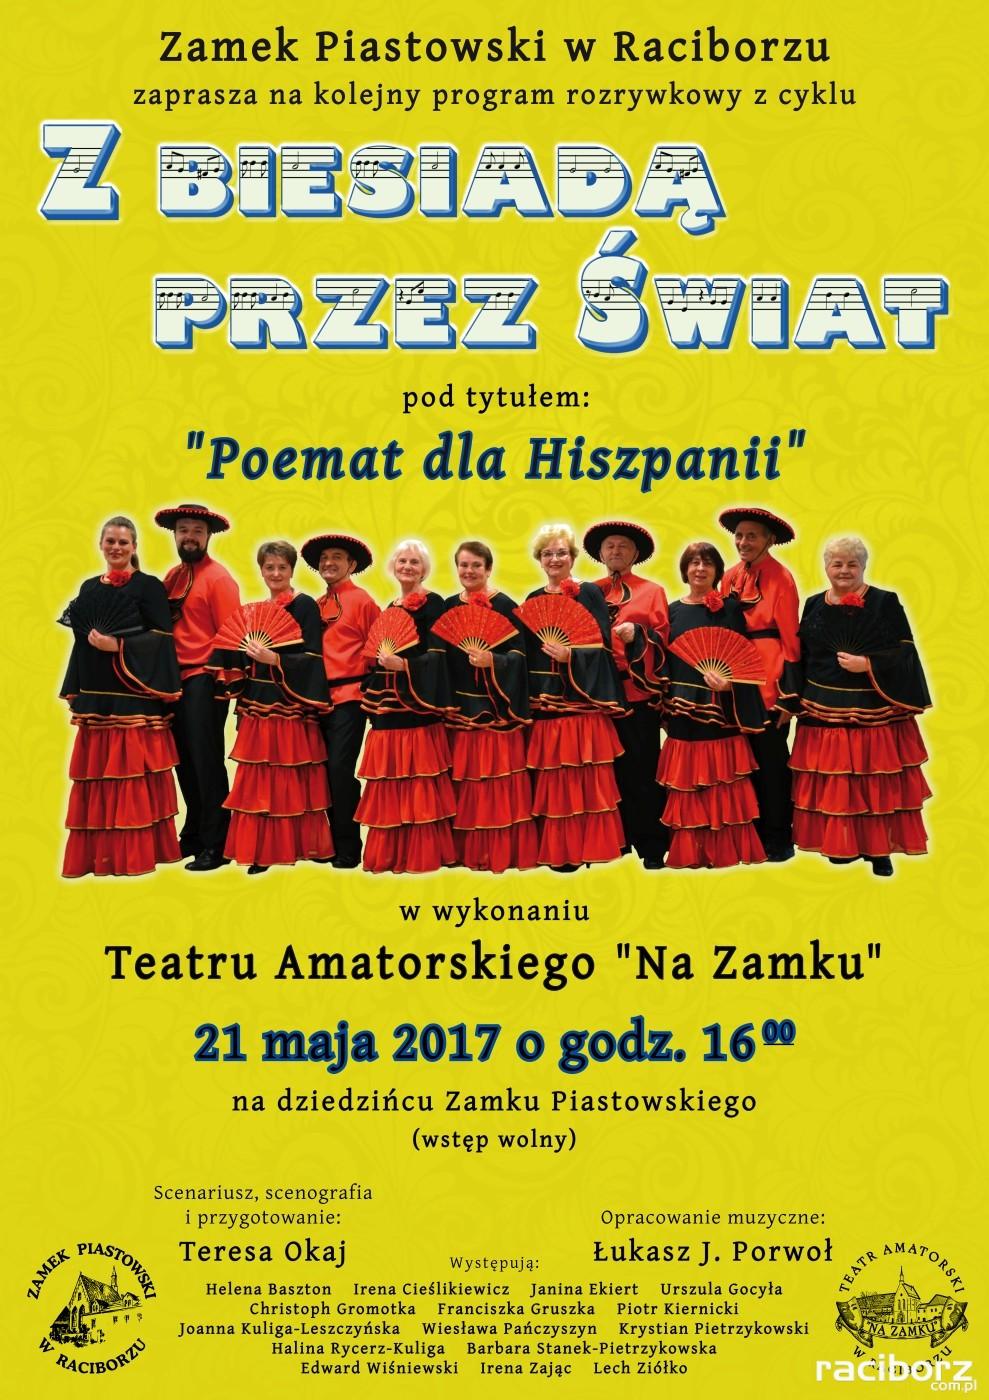 Poemat dla Hiszpanii